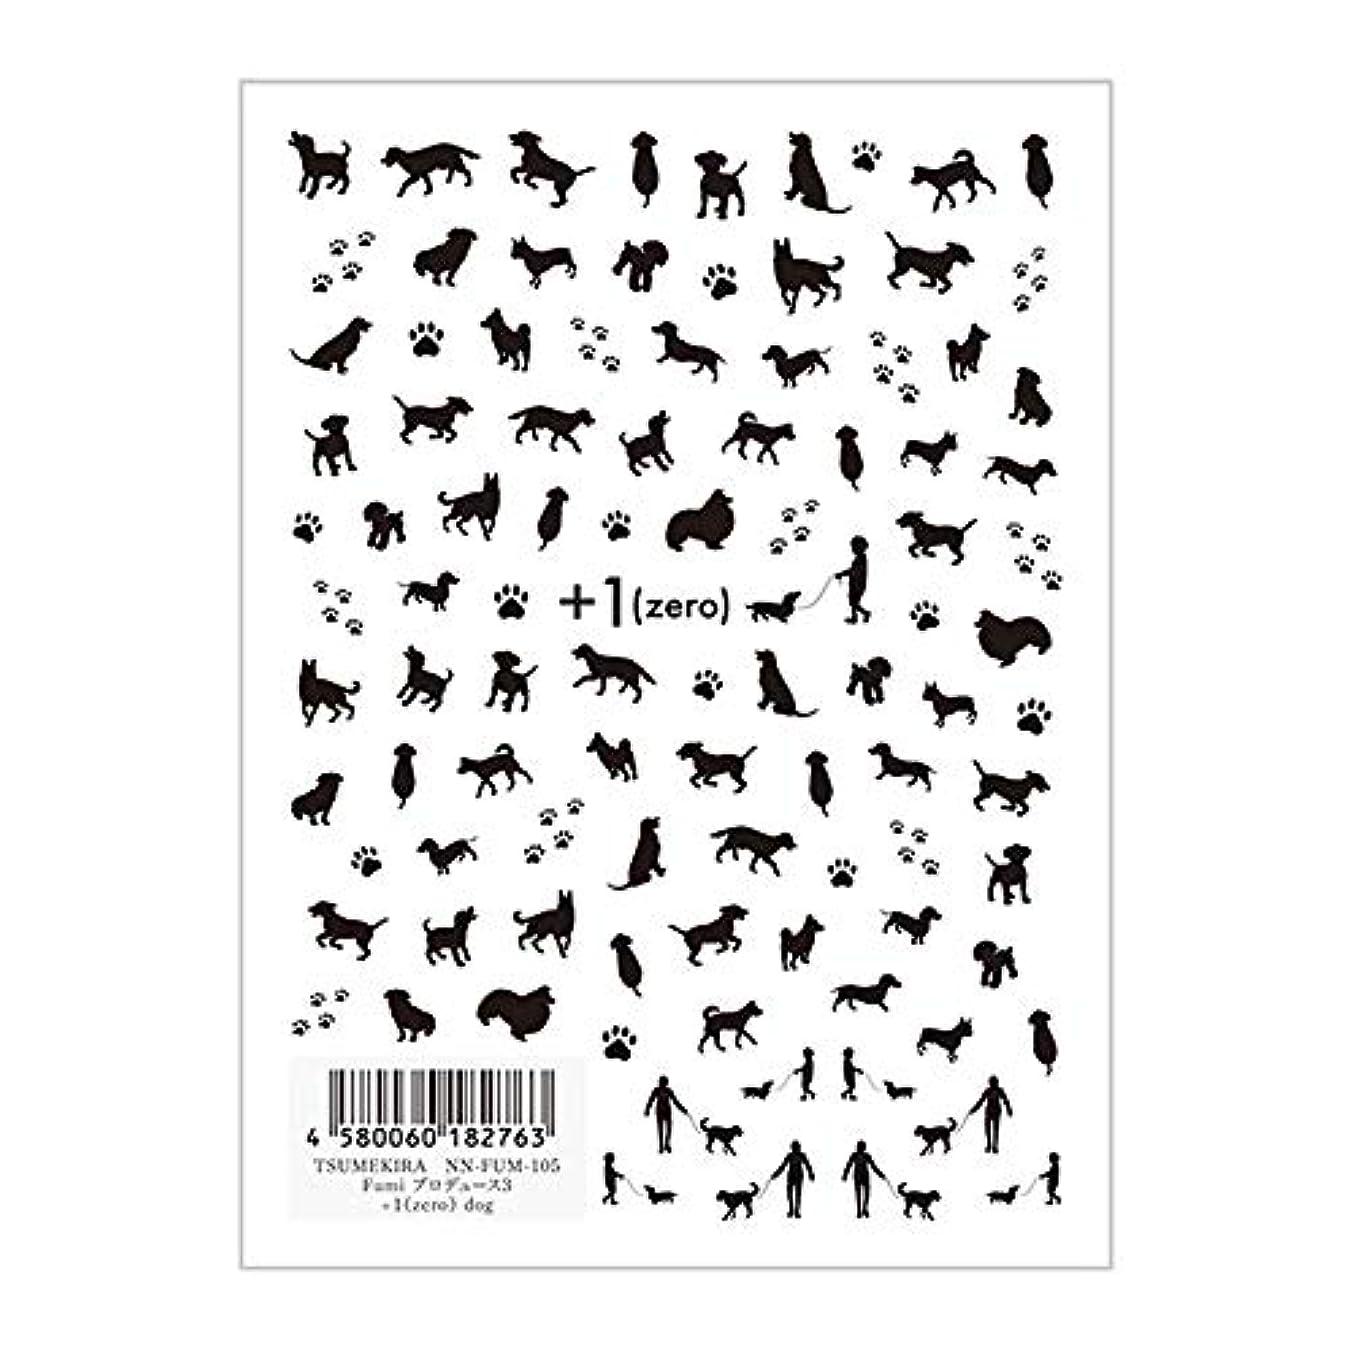 分消える巧みなTSUMEKIRA(ツメキラ) ネイルシール Fumiプロデュース3 +1(zero) dog NN-FUM-105